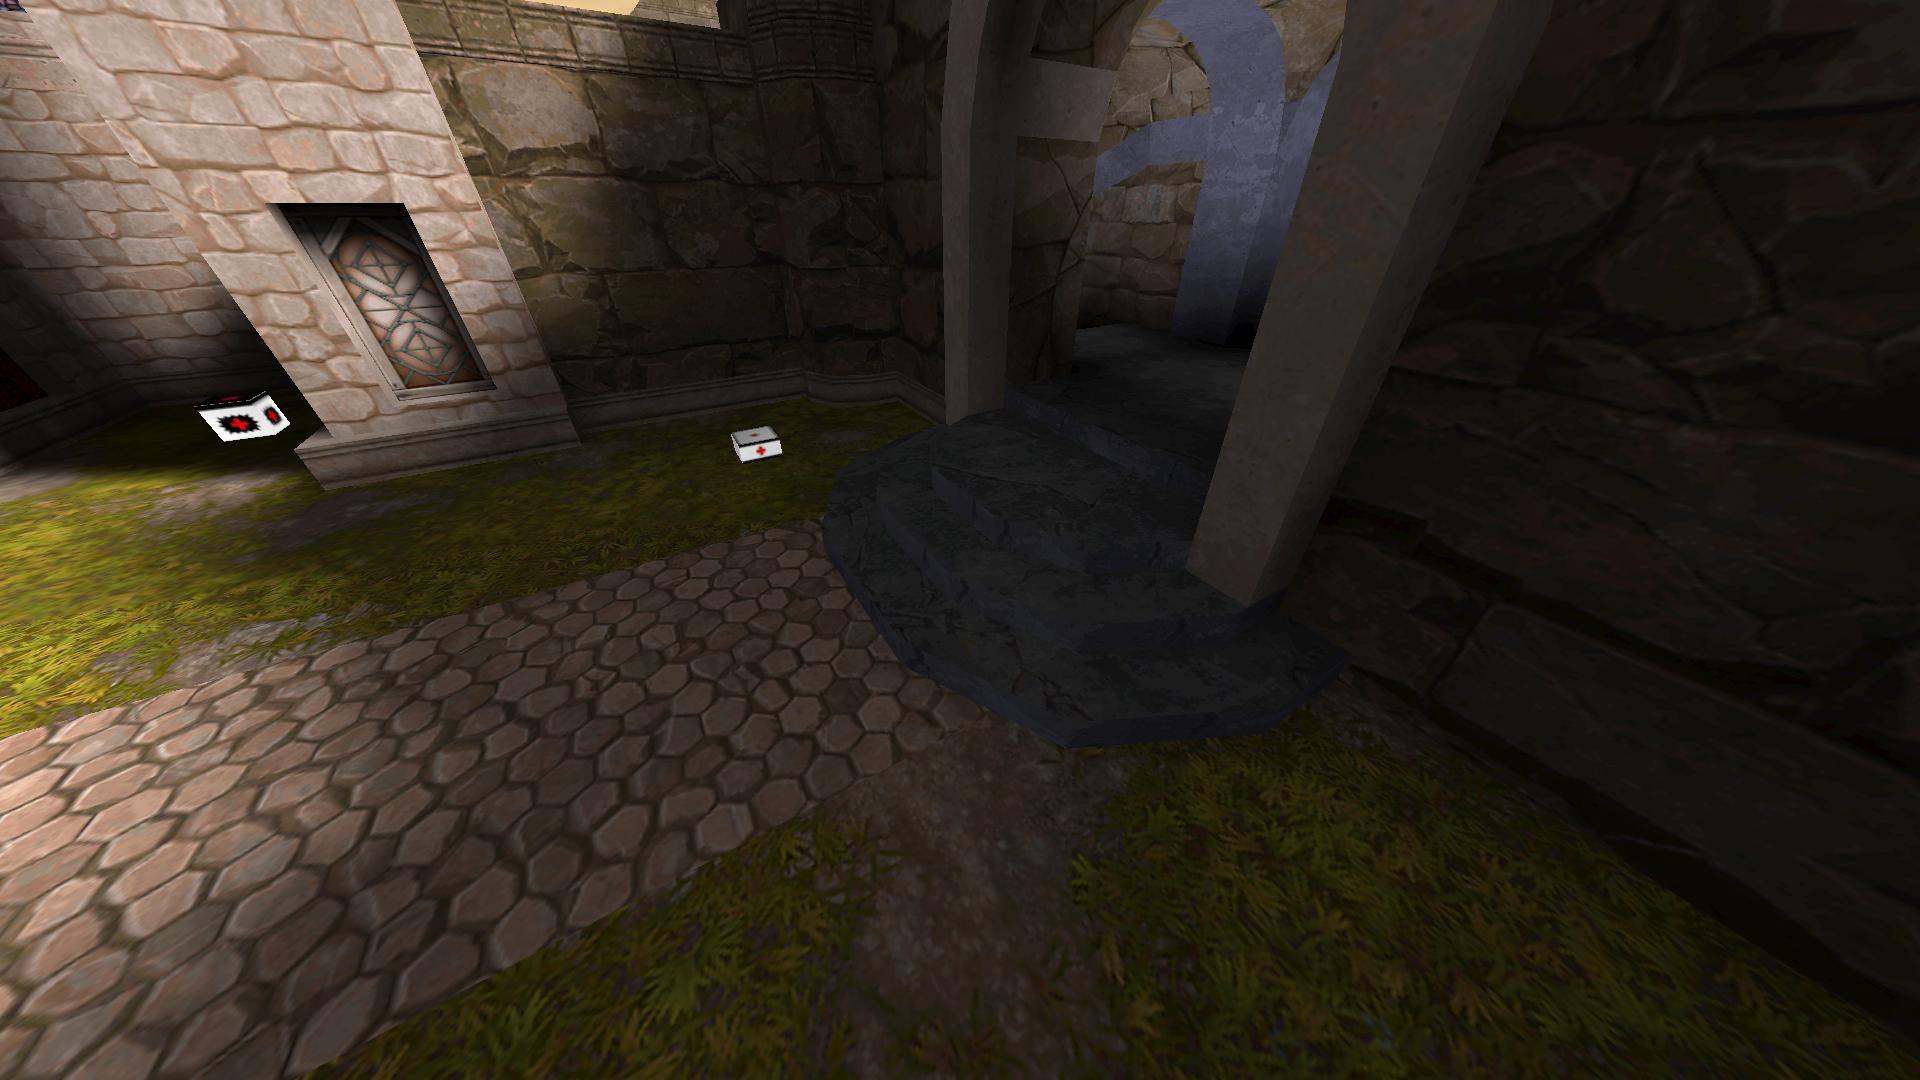 http://www.bandsalat.org/quake/an2/anwalk-stairs.jpg